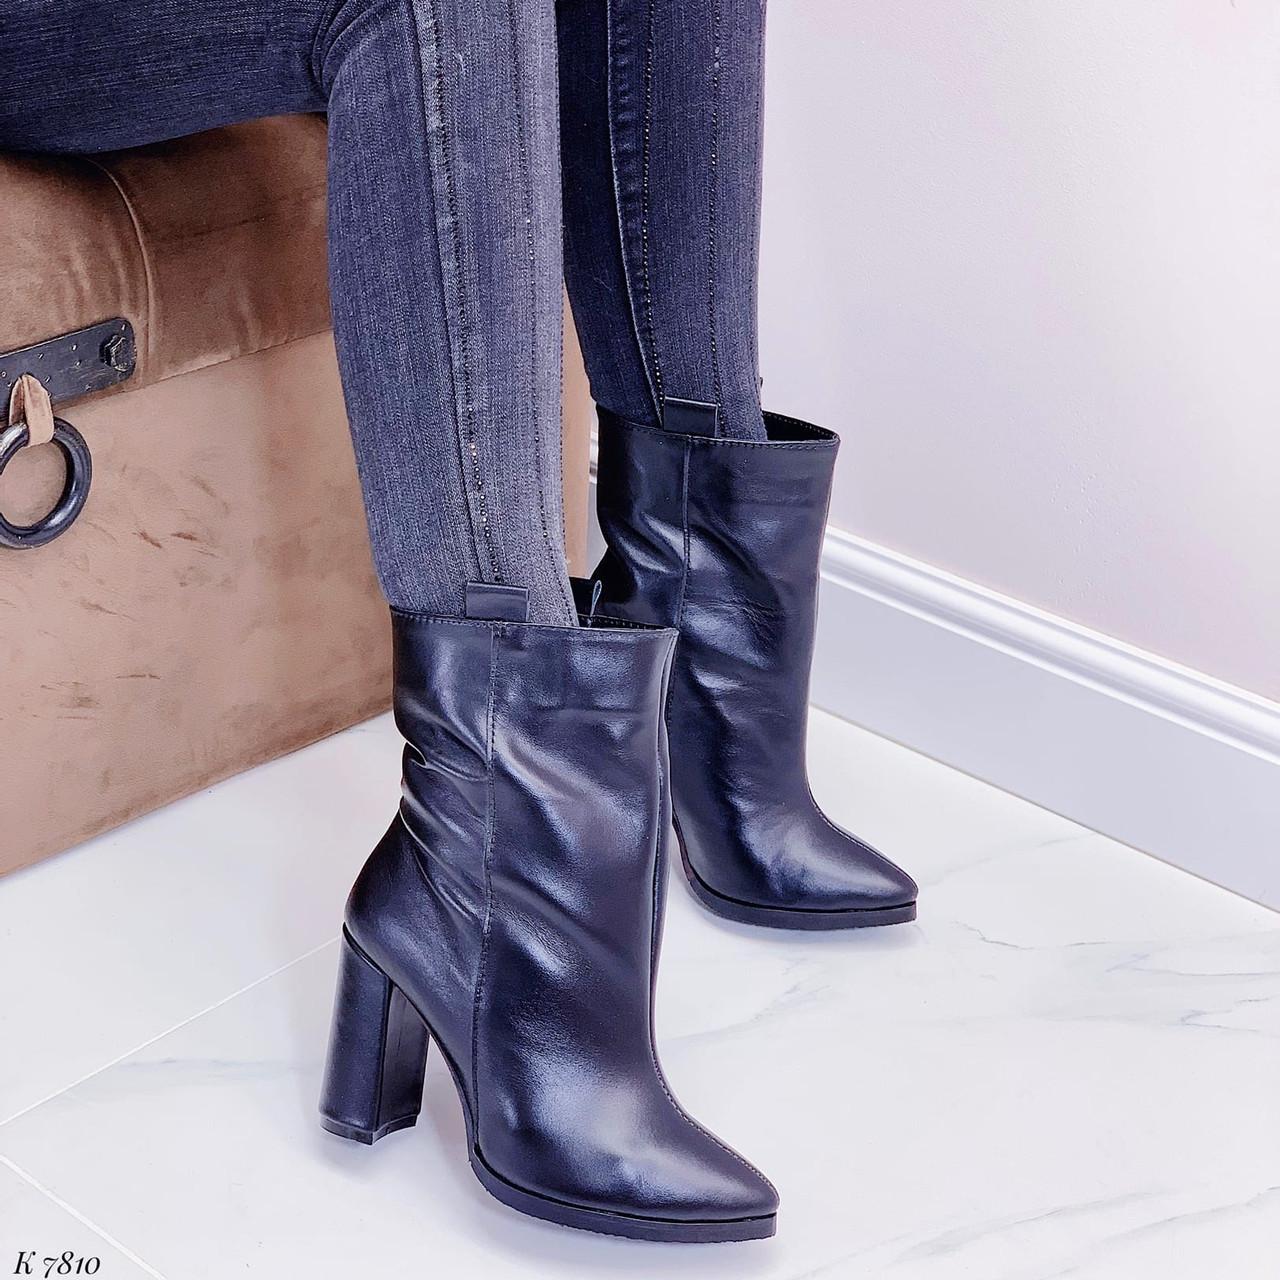 Жіночі ДЕМІ чорні черевики на підборах 9 см натуральна шкіра